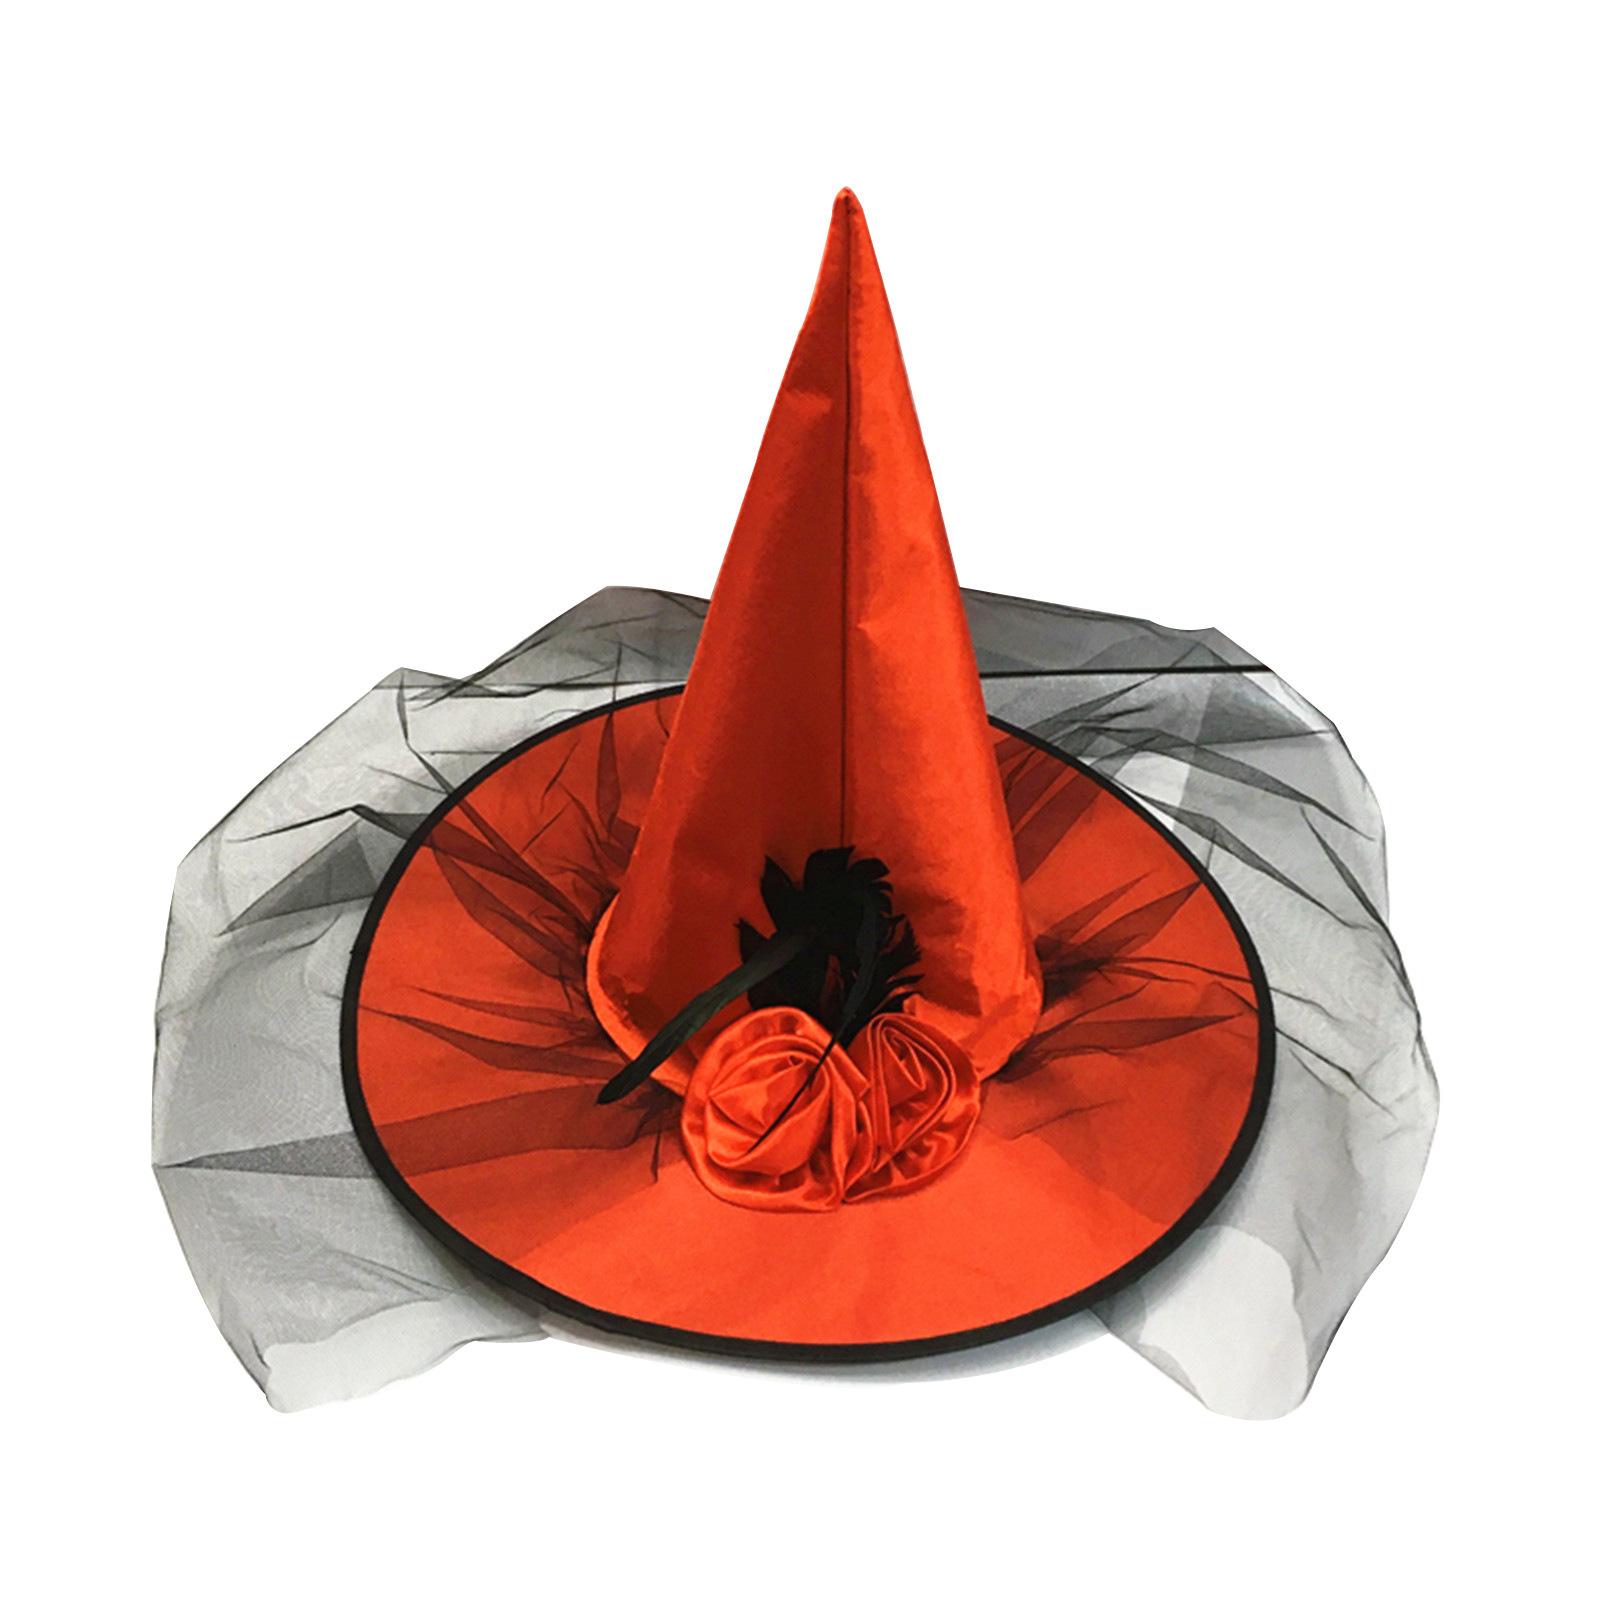 切り替えオールシーズン写真通り切り替えレースメッシュサークル帽子